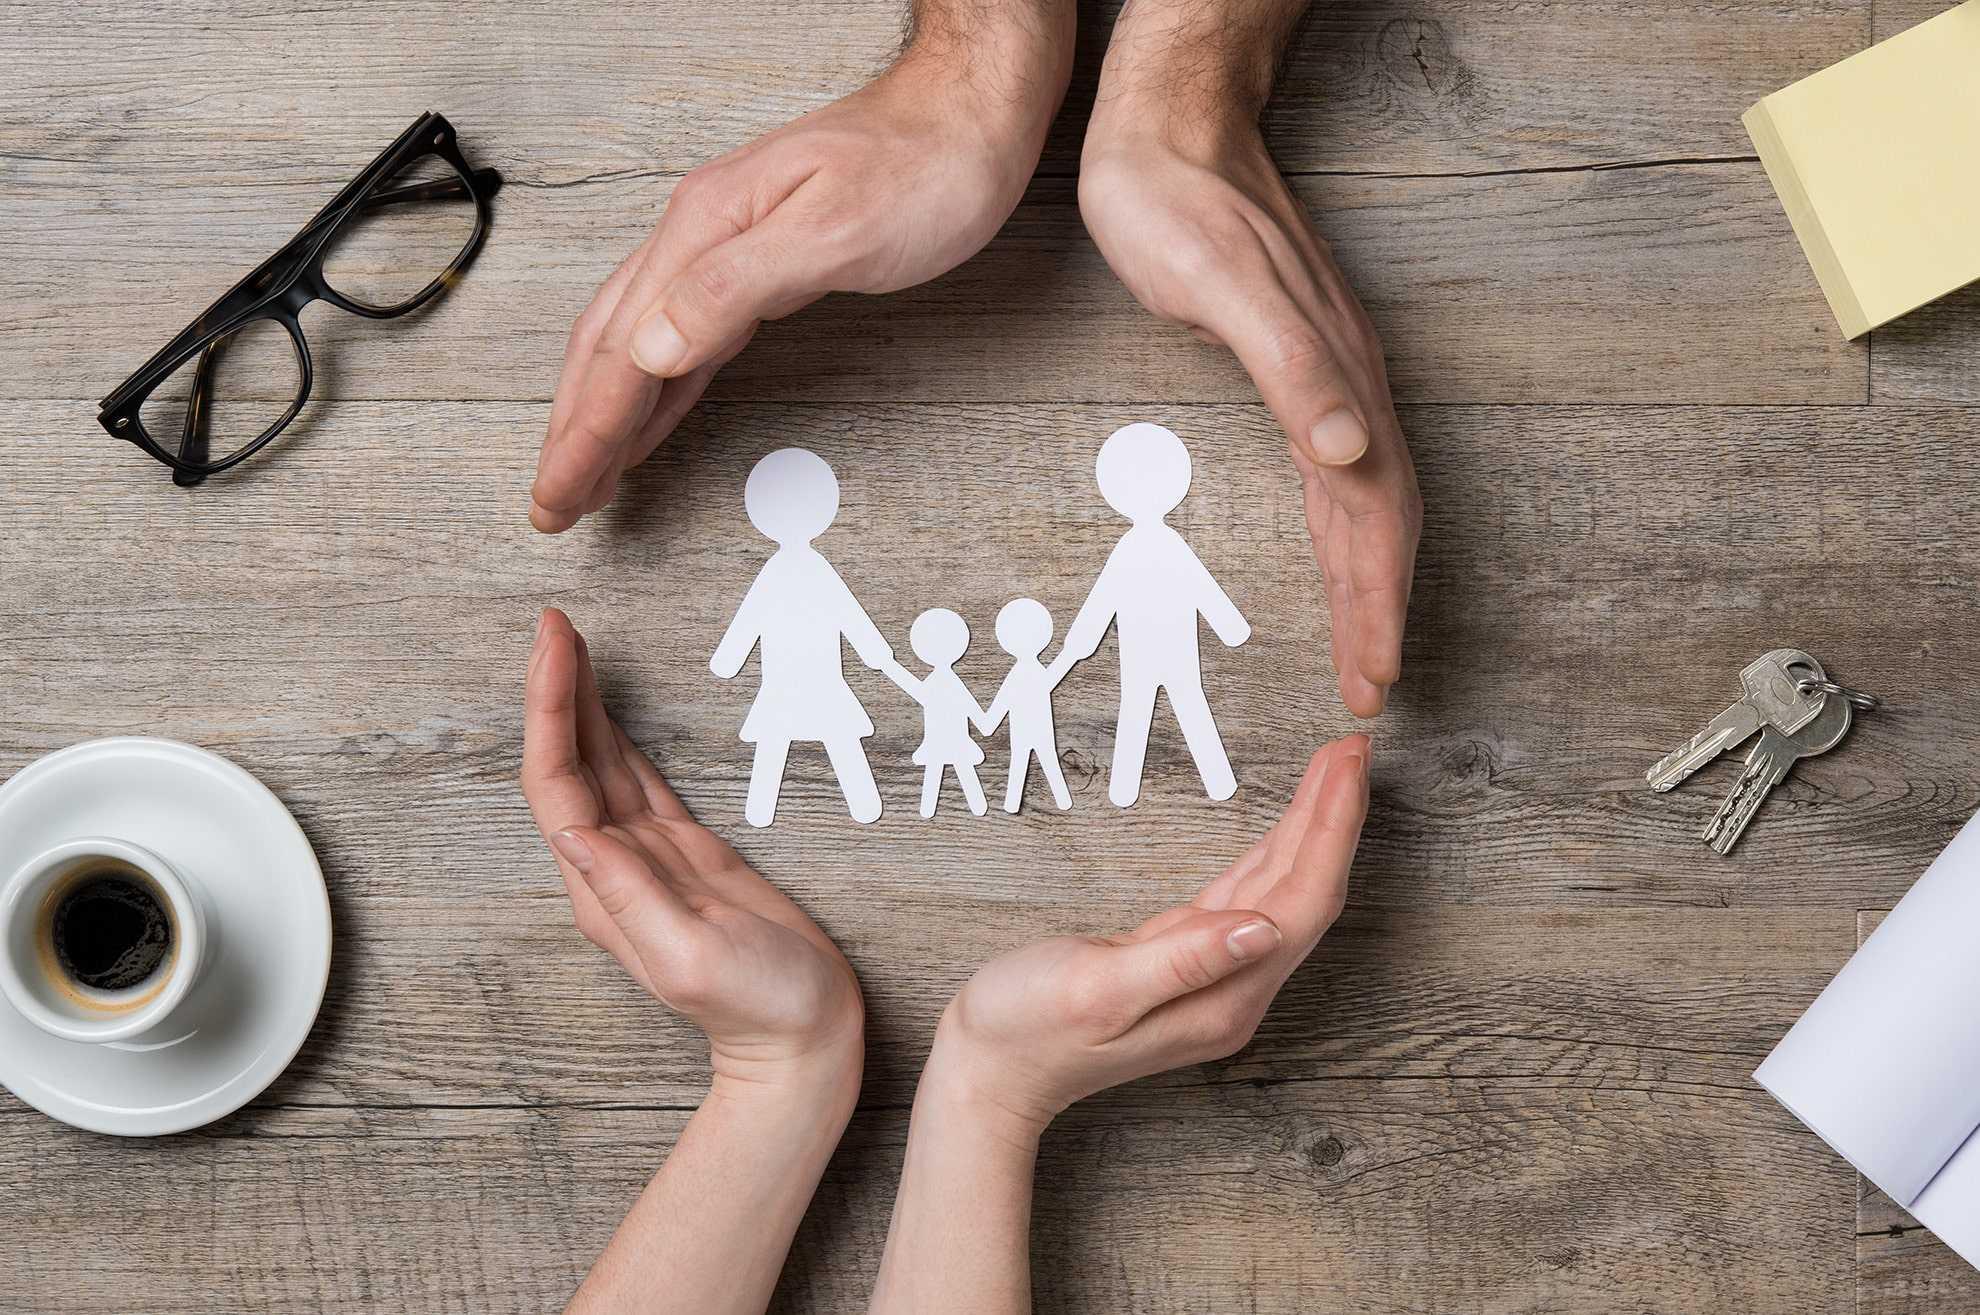 family care pyprm2d min - Кожна громада може отримати від держави до 2 млн гривень на розвиток соціальних послуг в рамках пілотного проекту